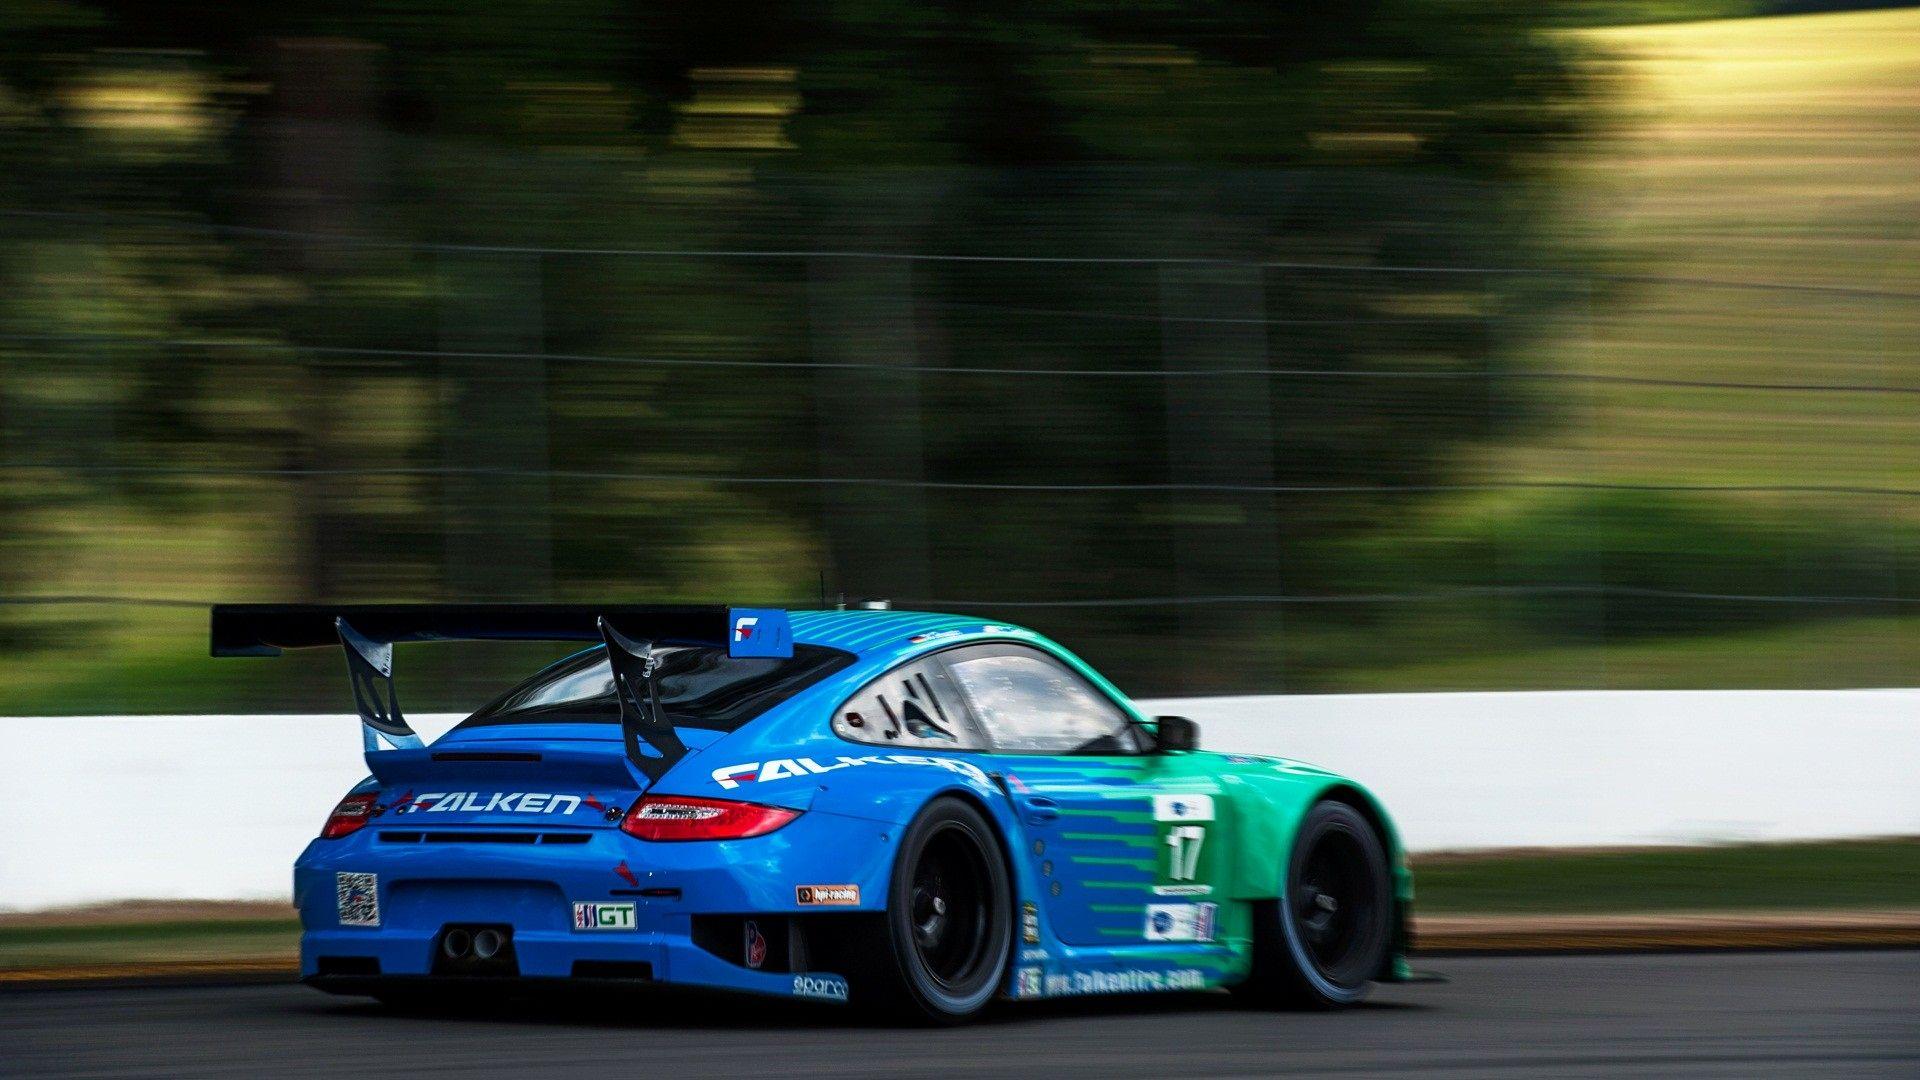 wallpaper racing